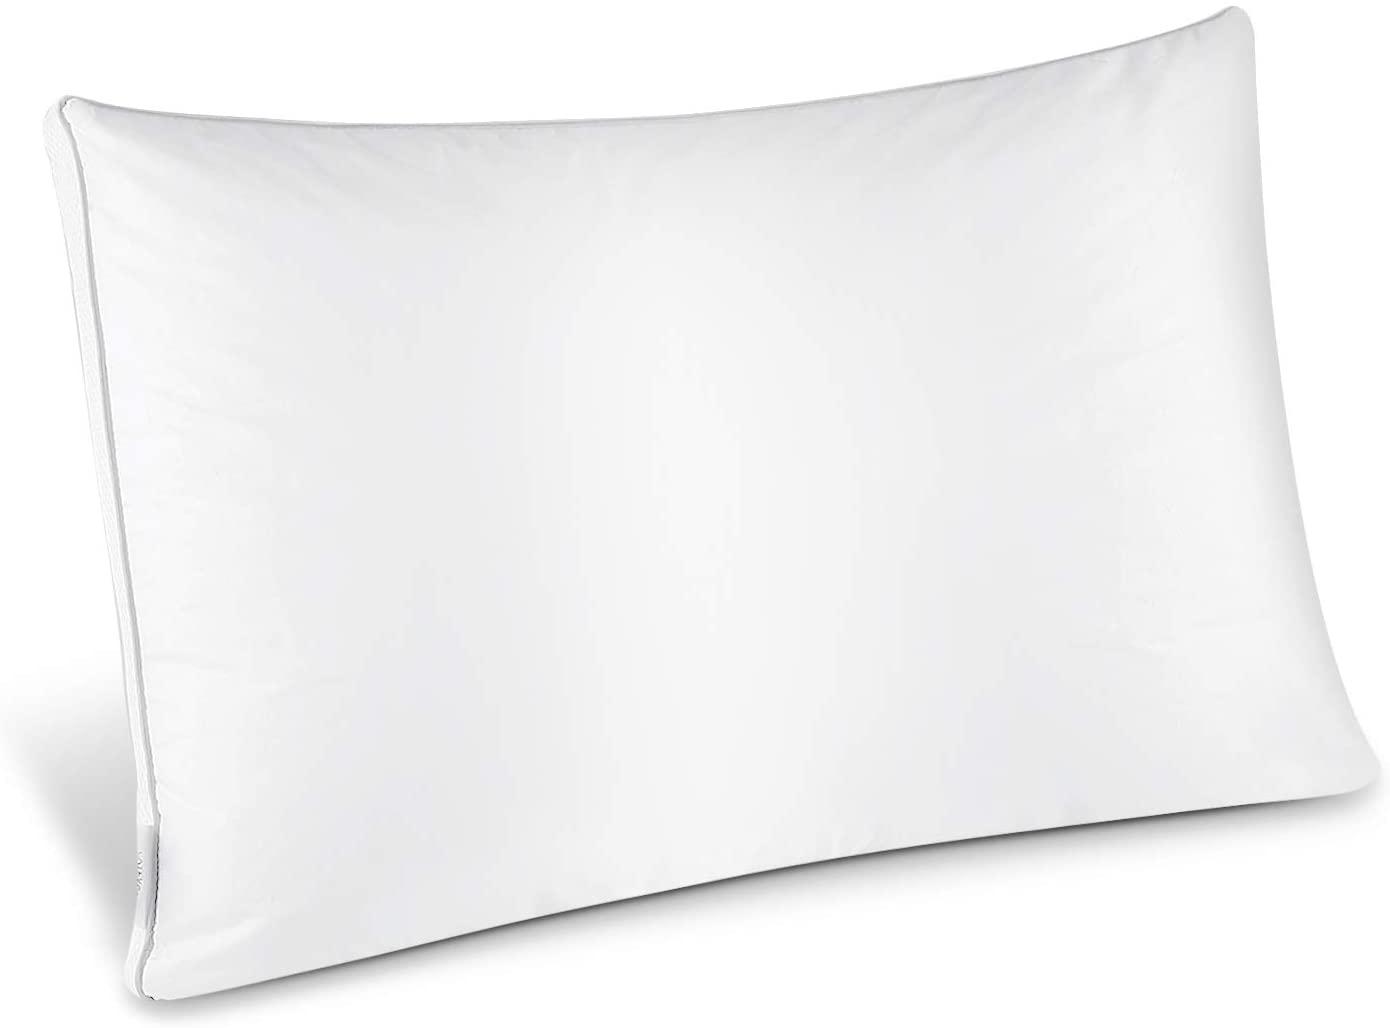 アマゾンでtianの枕の半額割引クーポンを配信中。止めといたほうが良いよ。